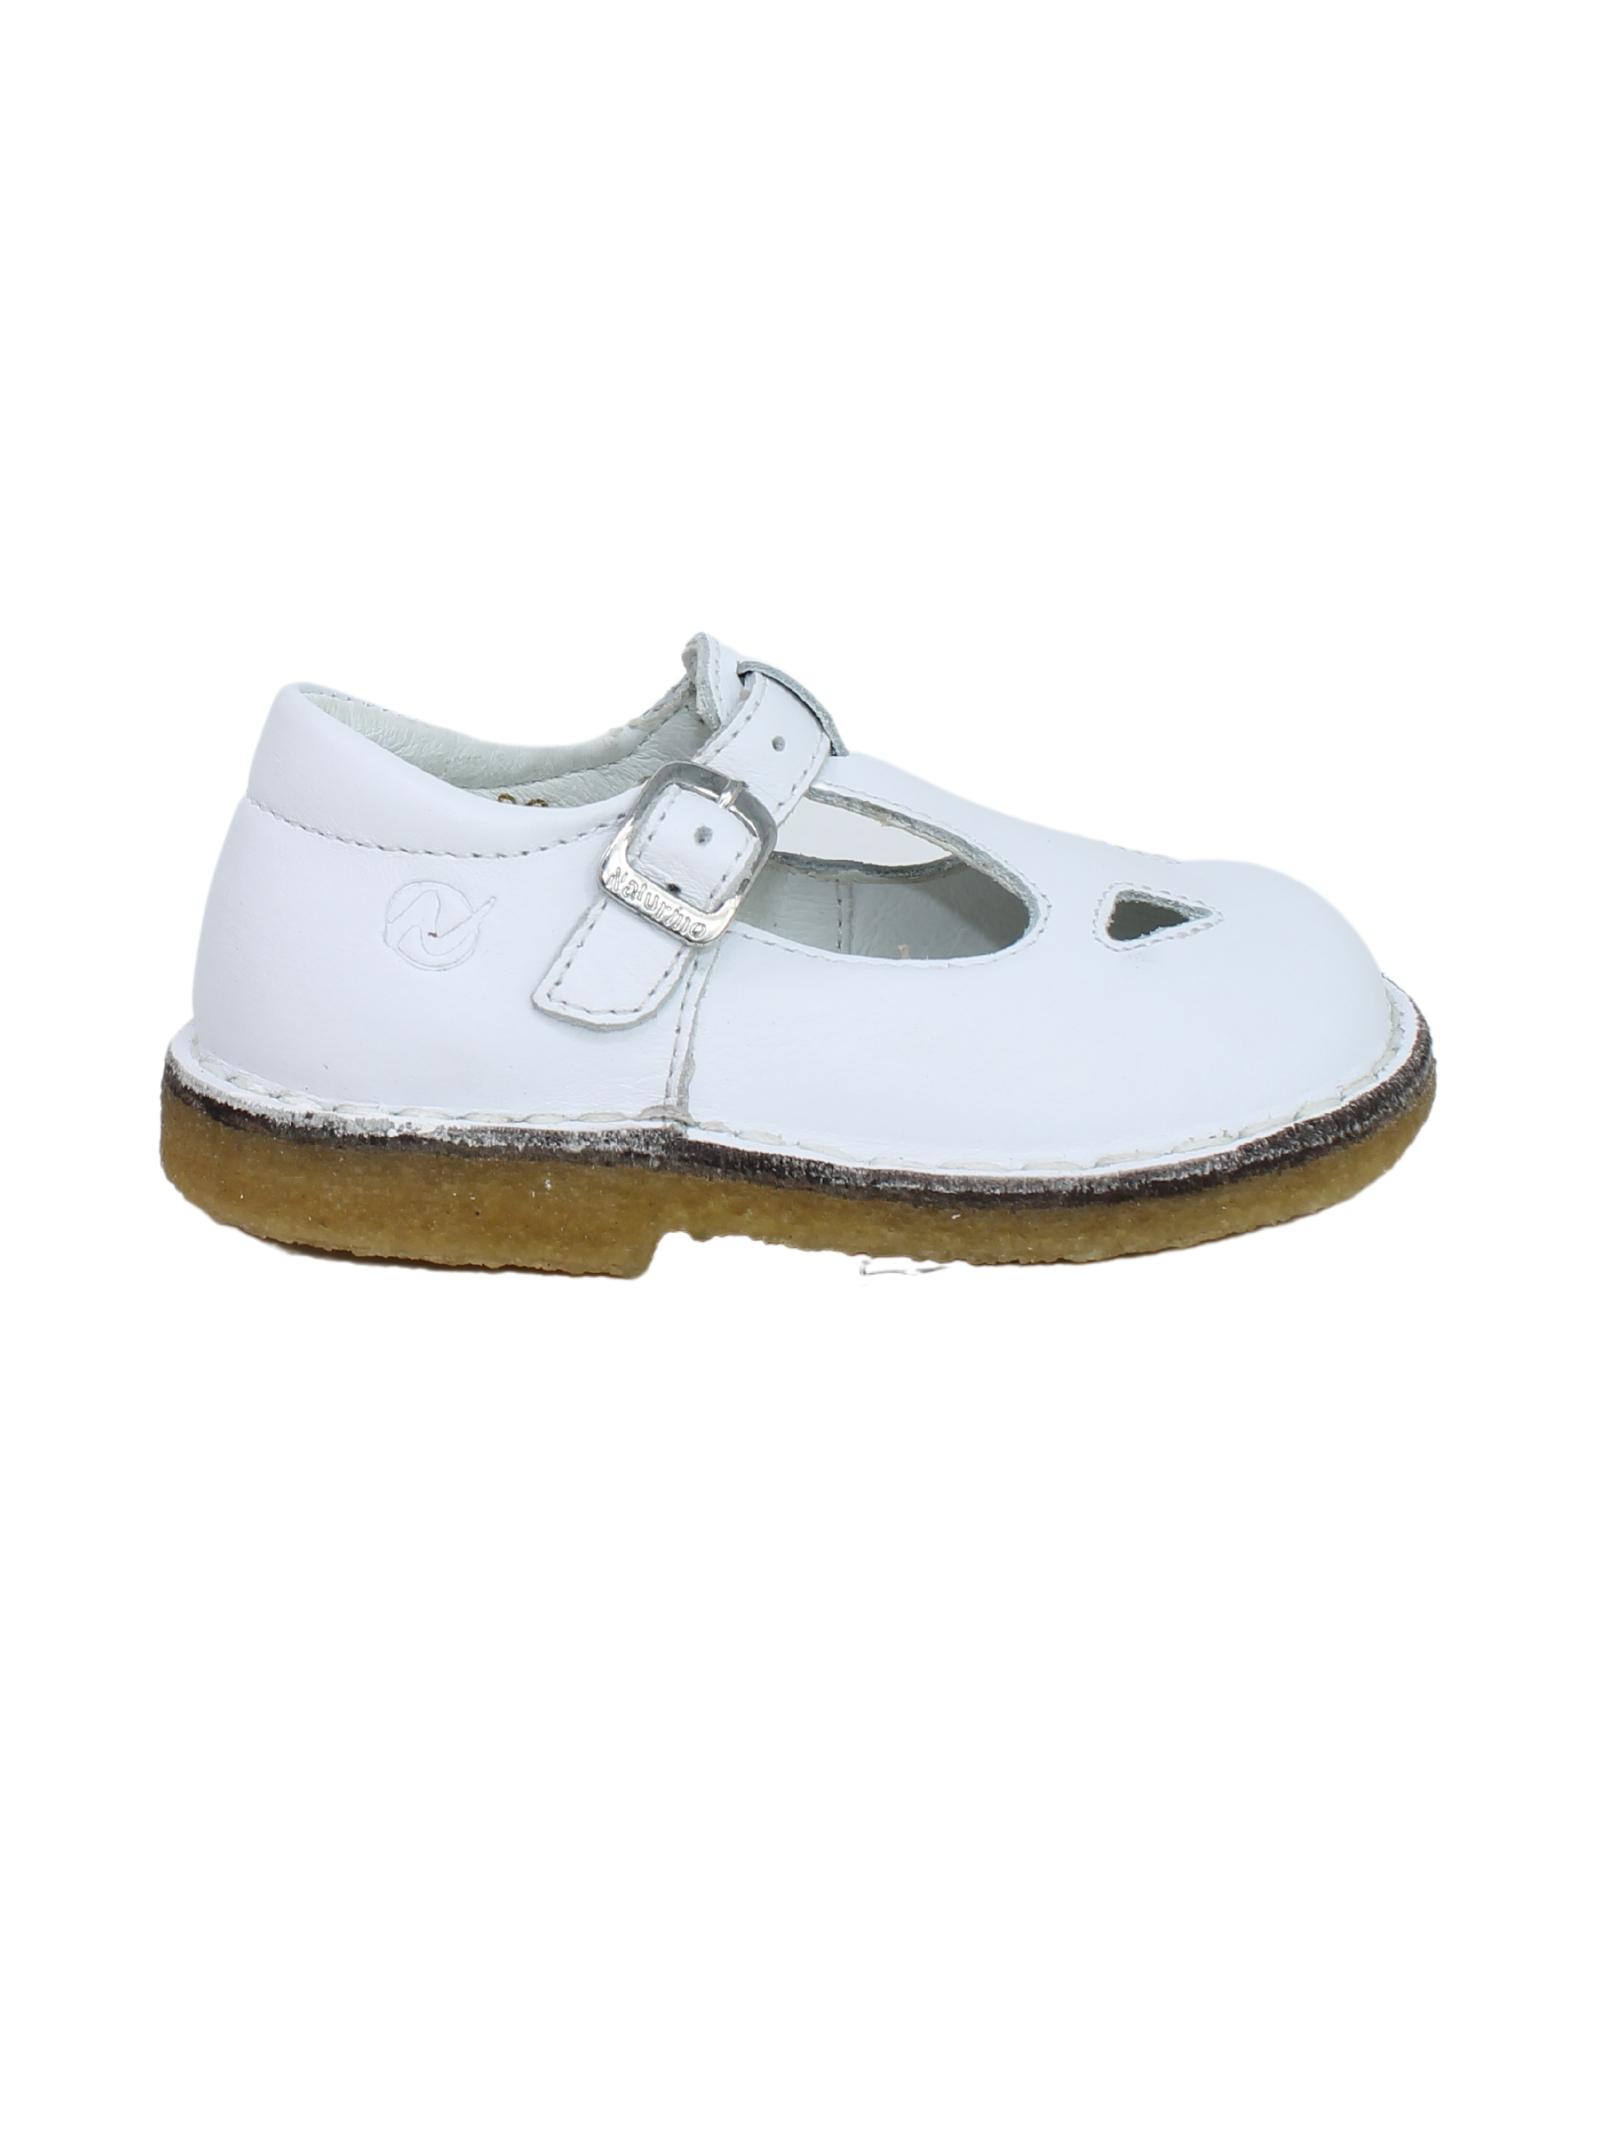 NATURINO | Sandals | 00120149050N01